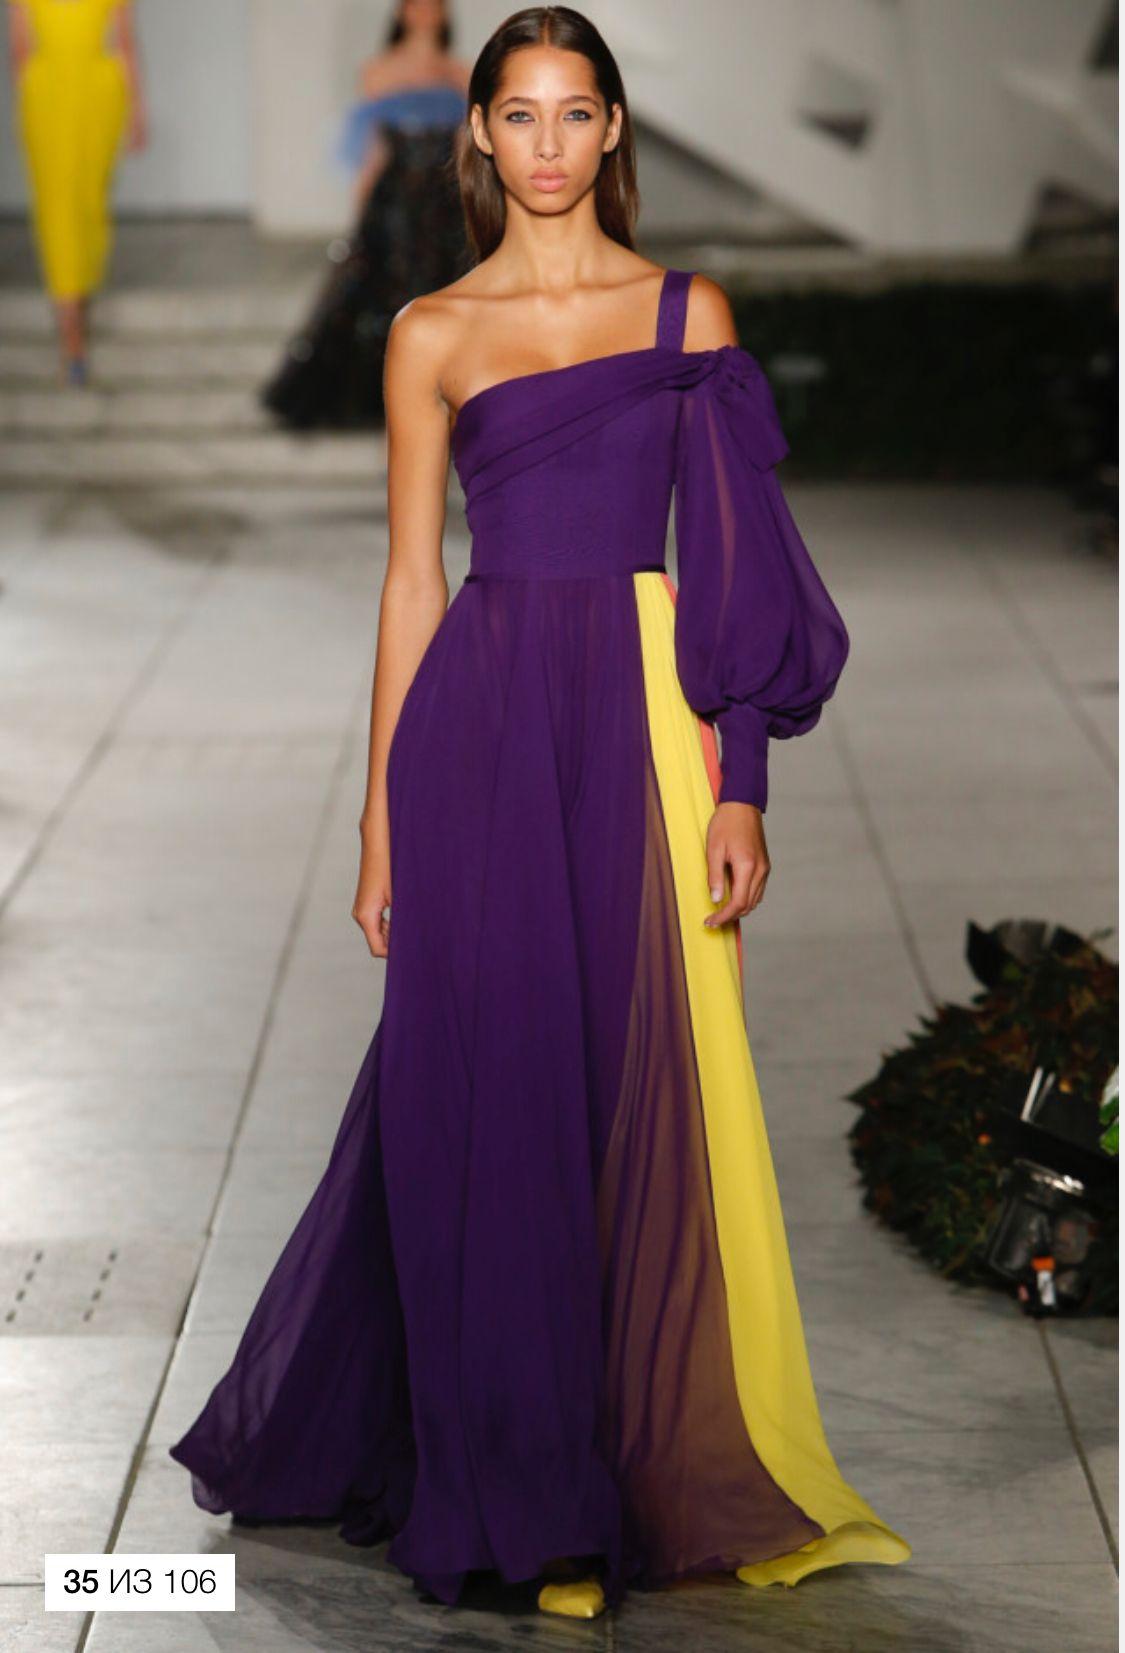 Pin de Irina Stratenko en Dress | Pinterest | En vogue